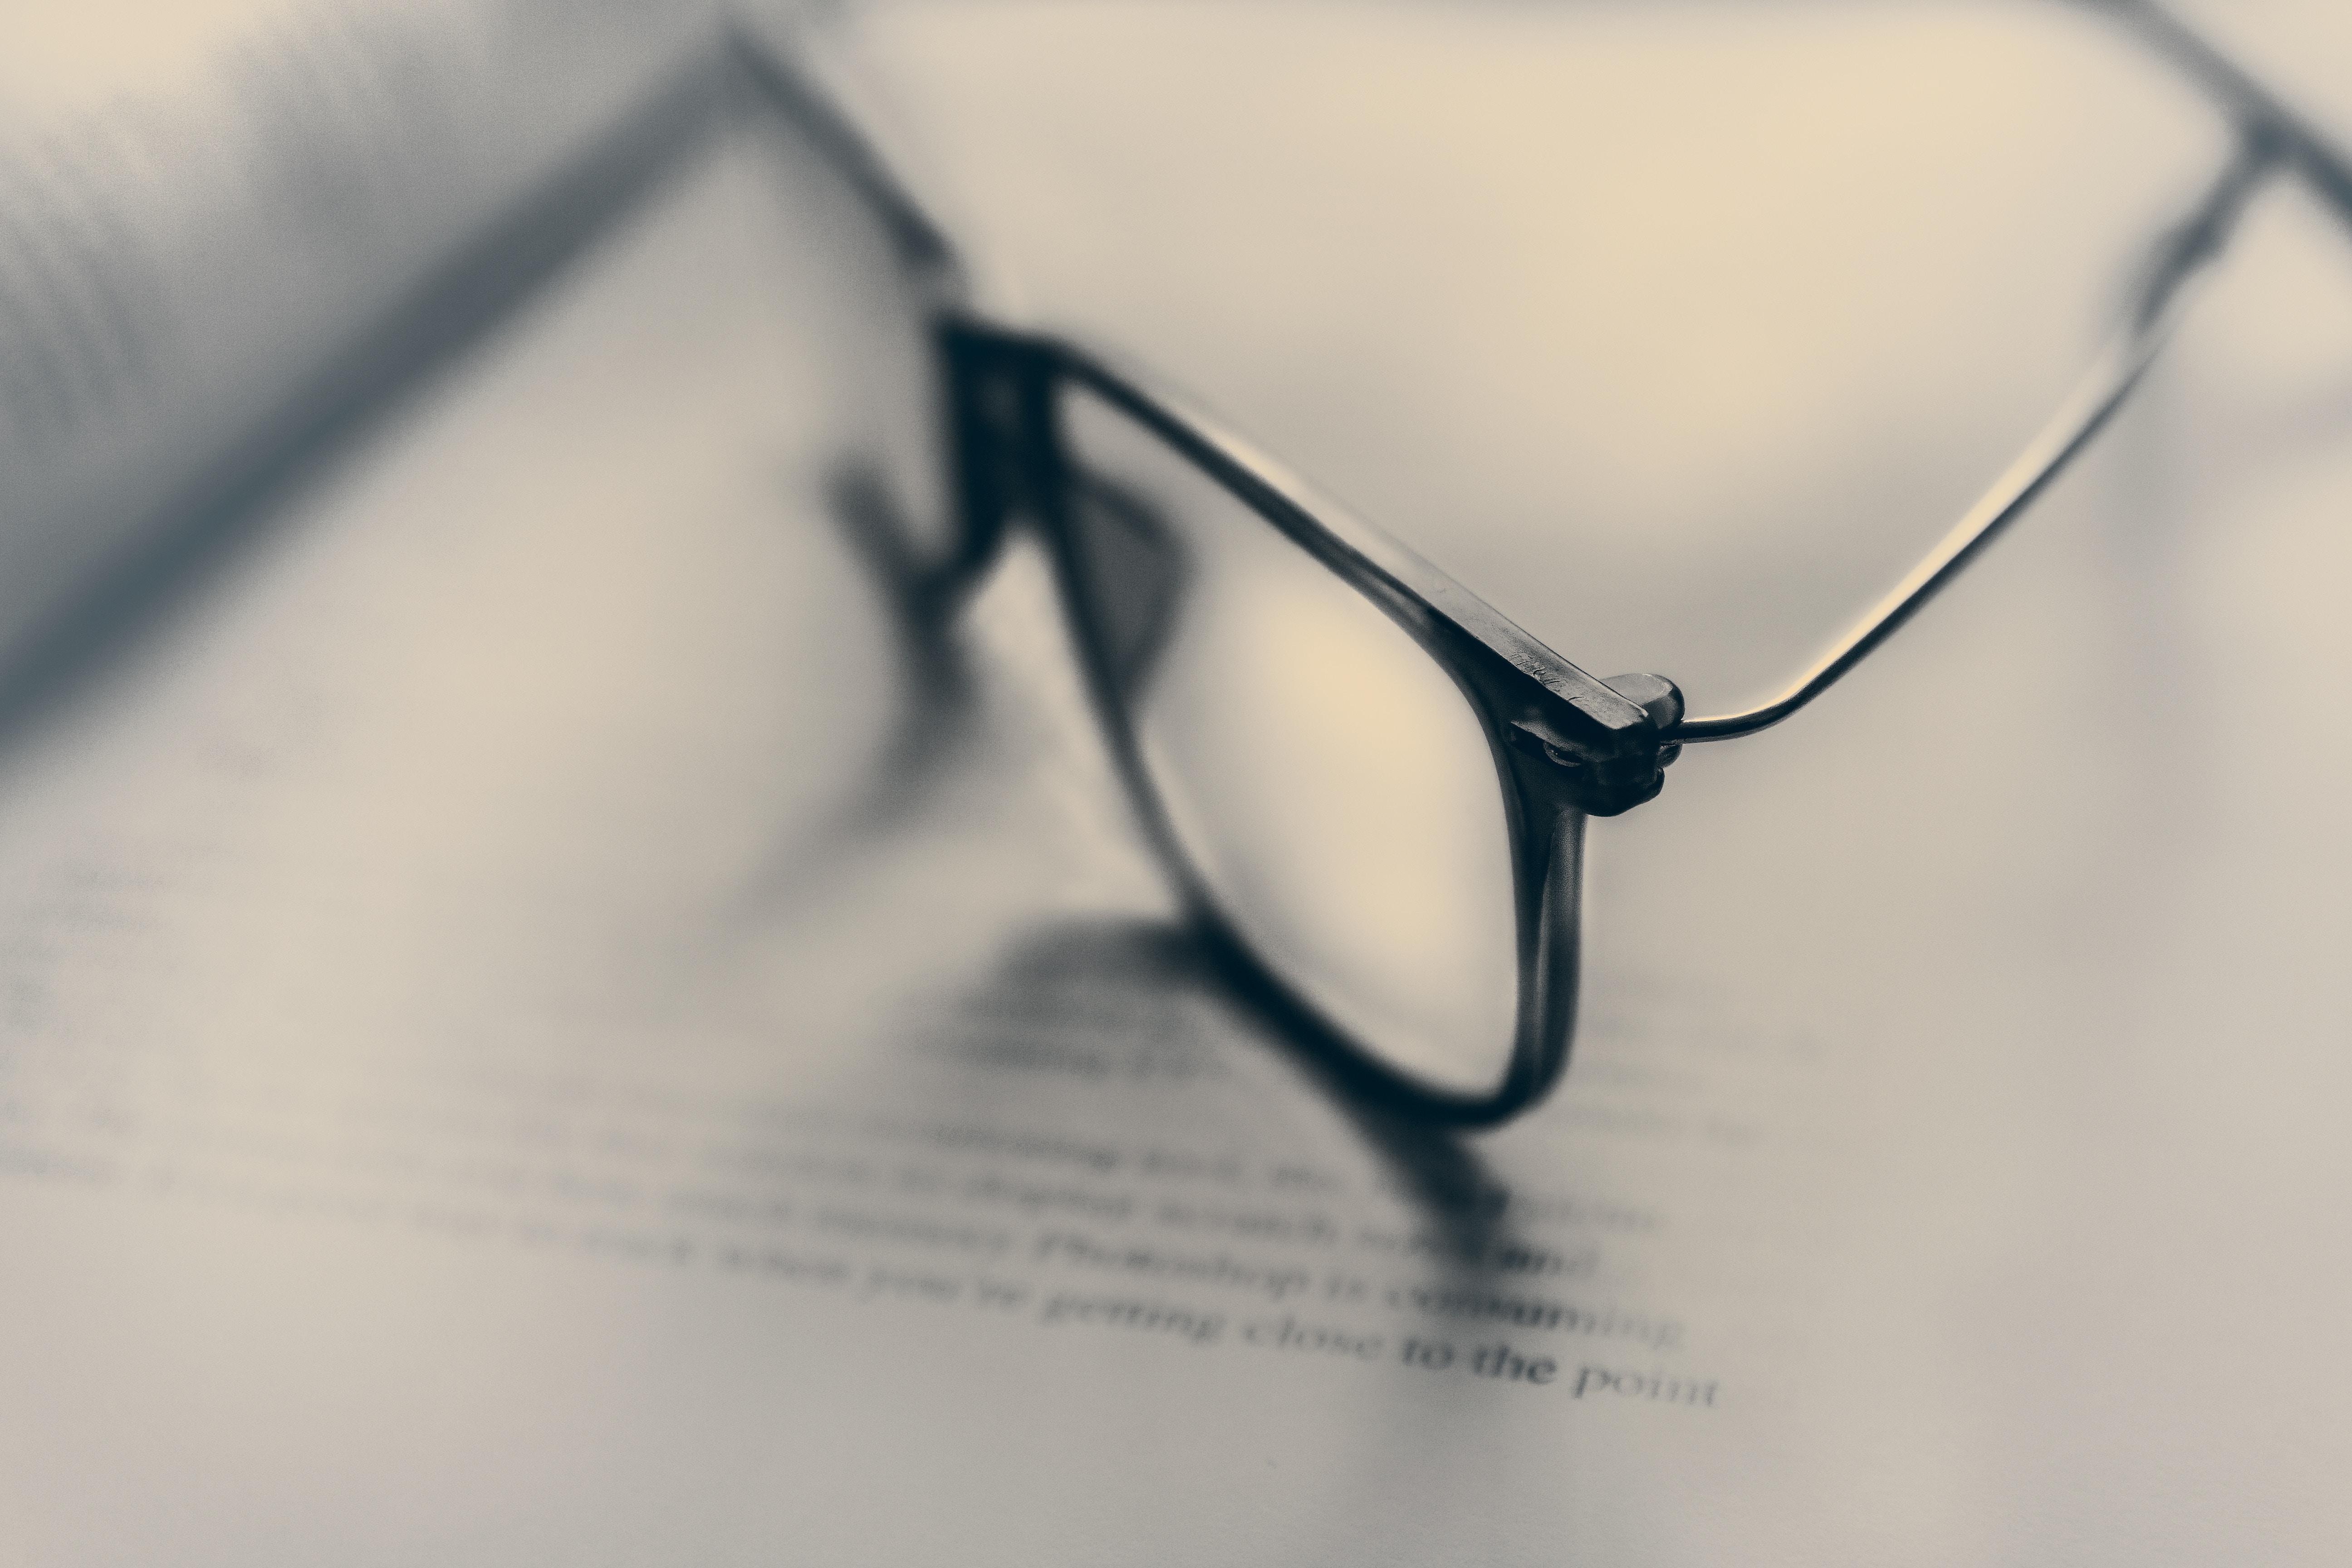 Briller lagt på nodepapir